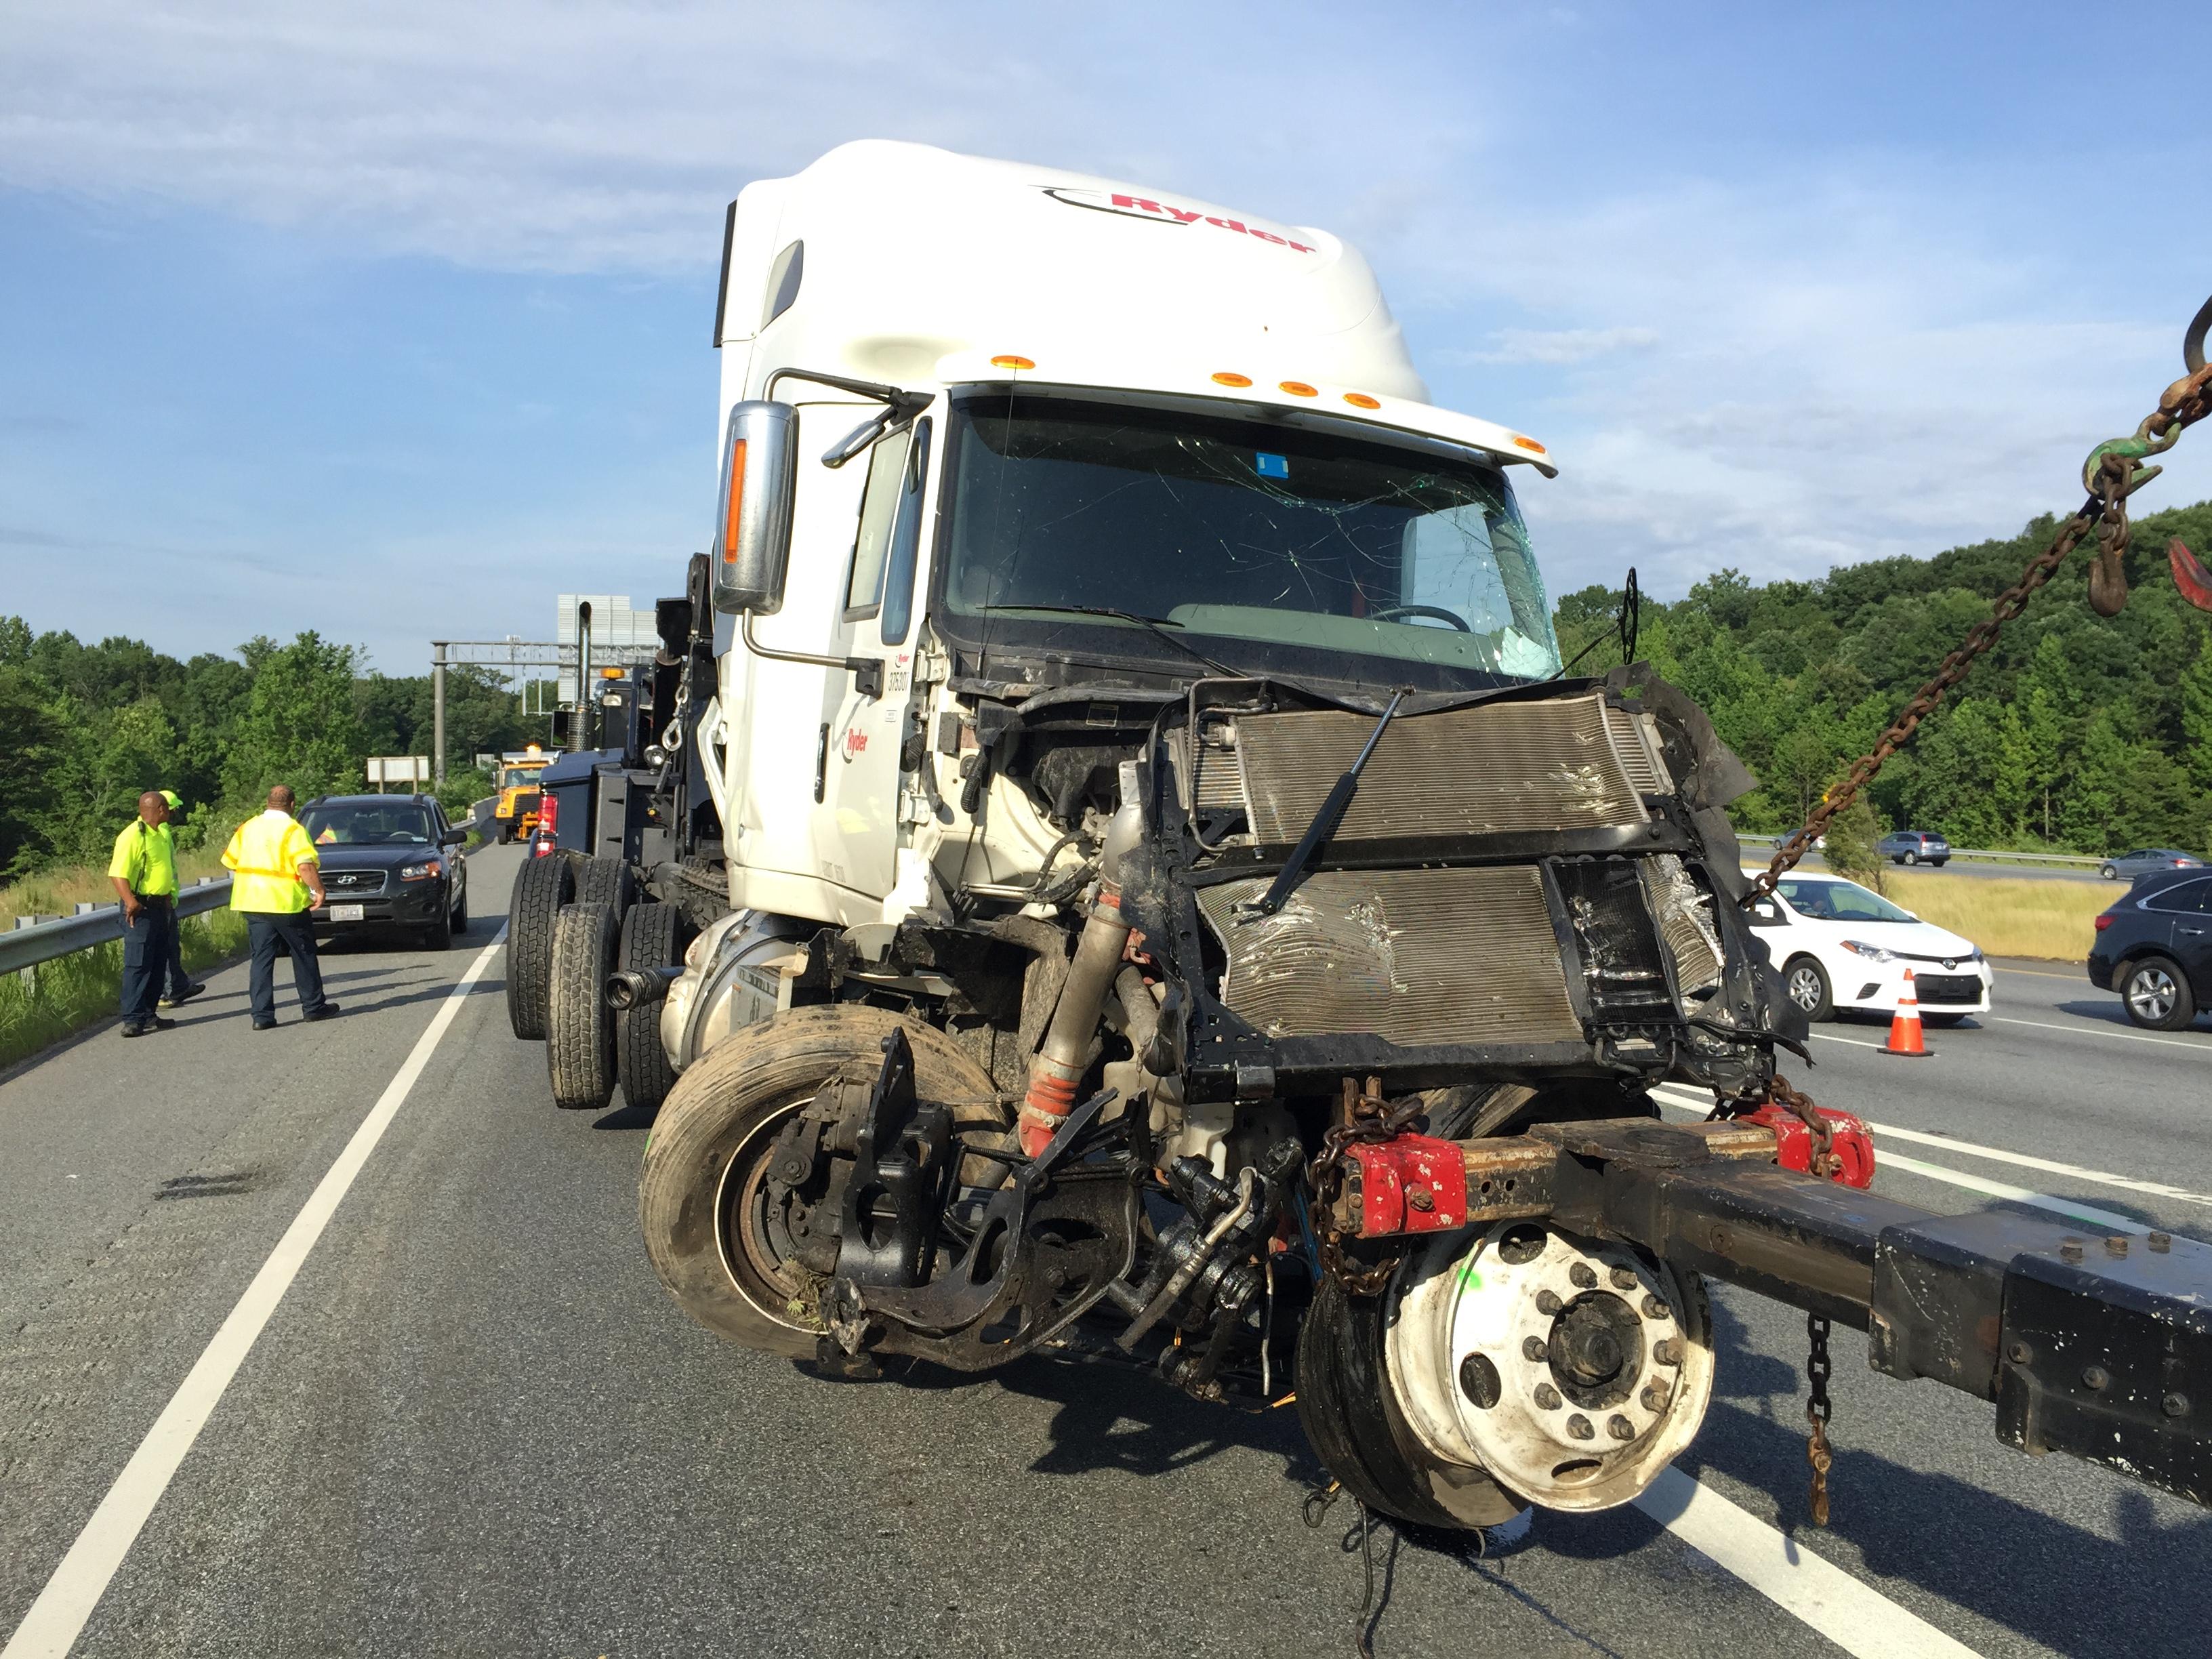 I-95 reopens after fatal Md. crash